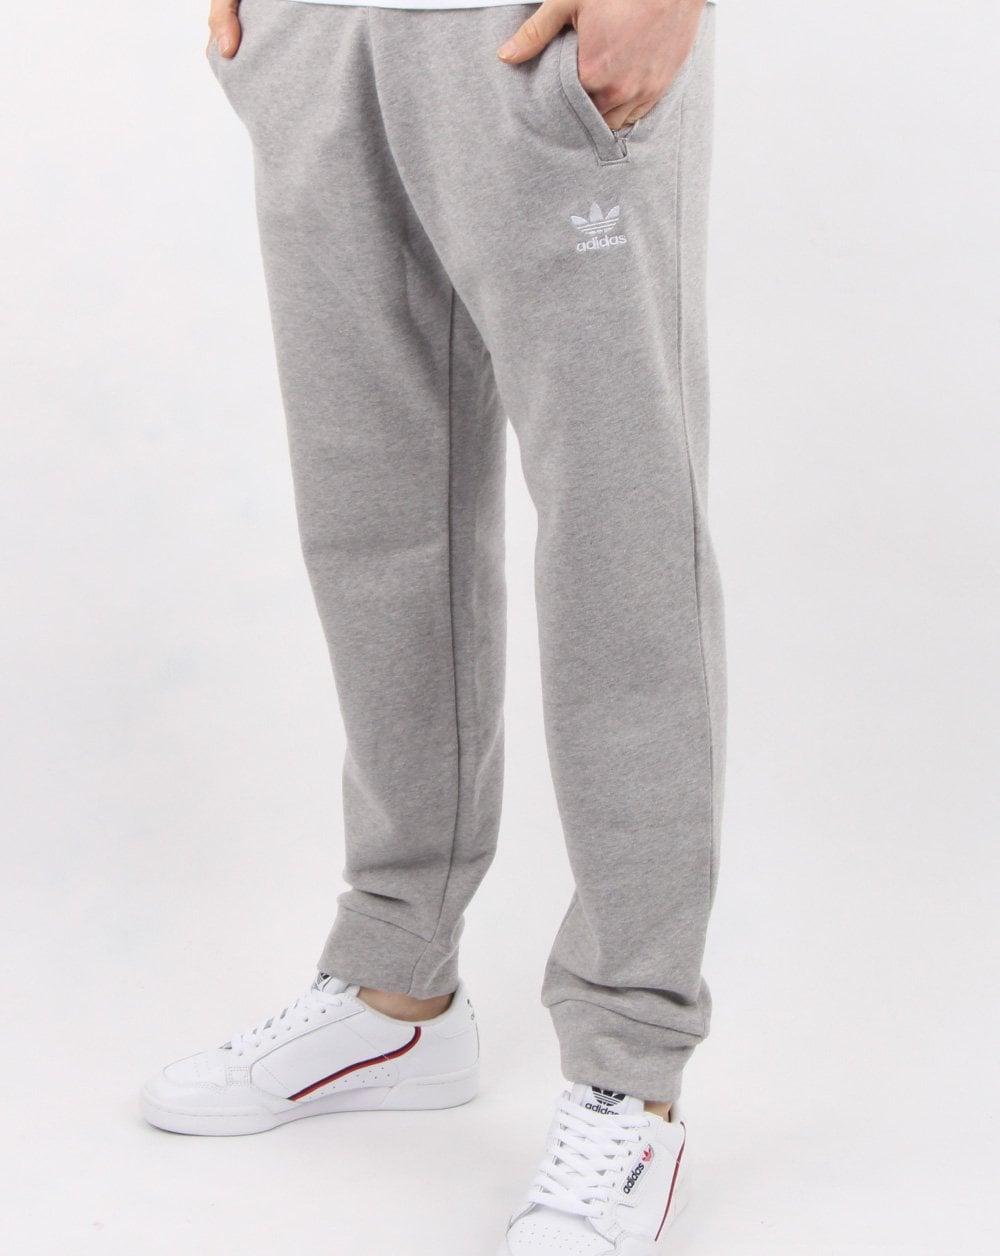 Adidas Originals Trefoil Track Pant